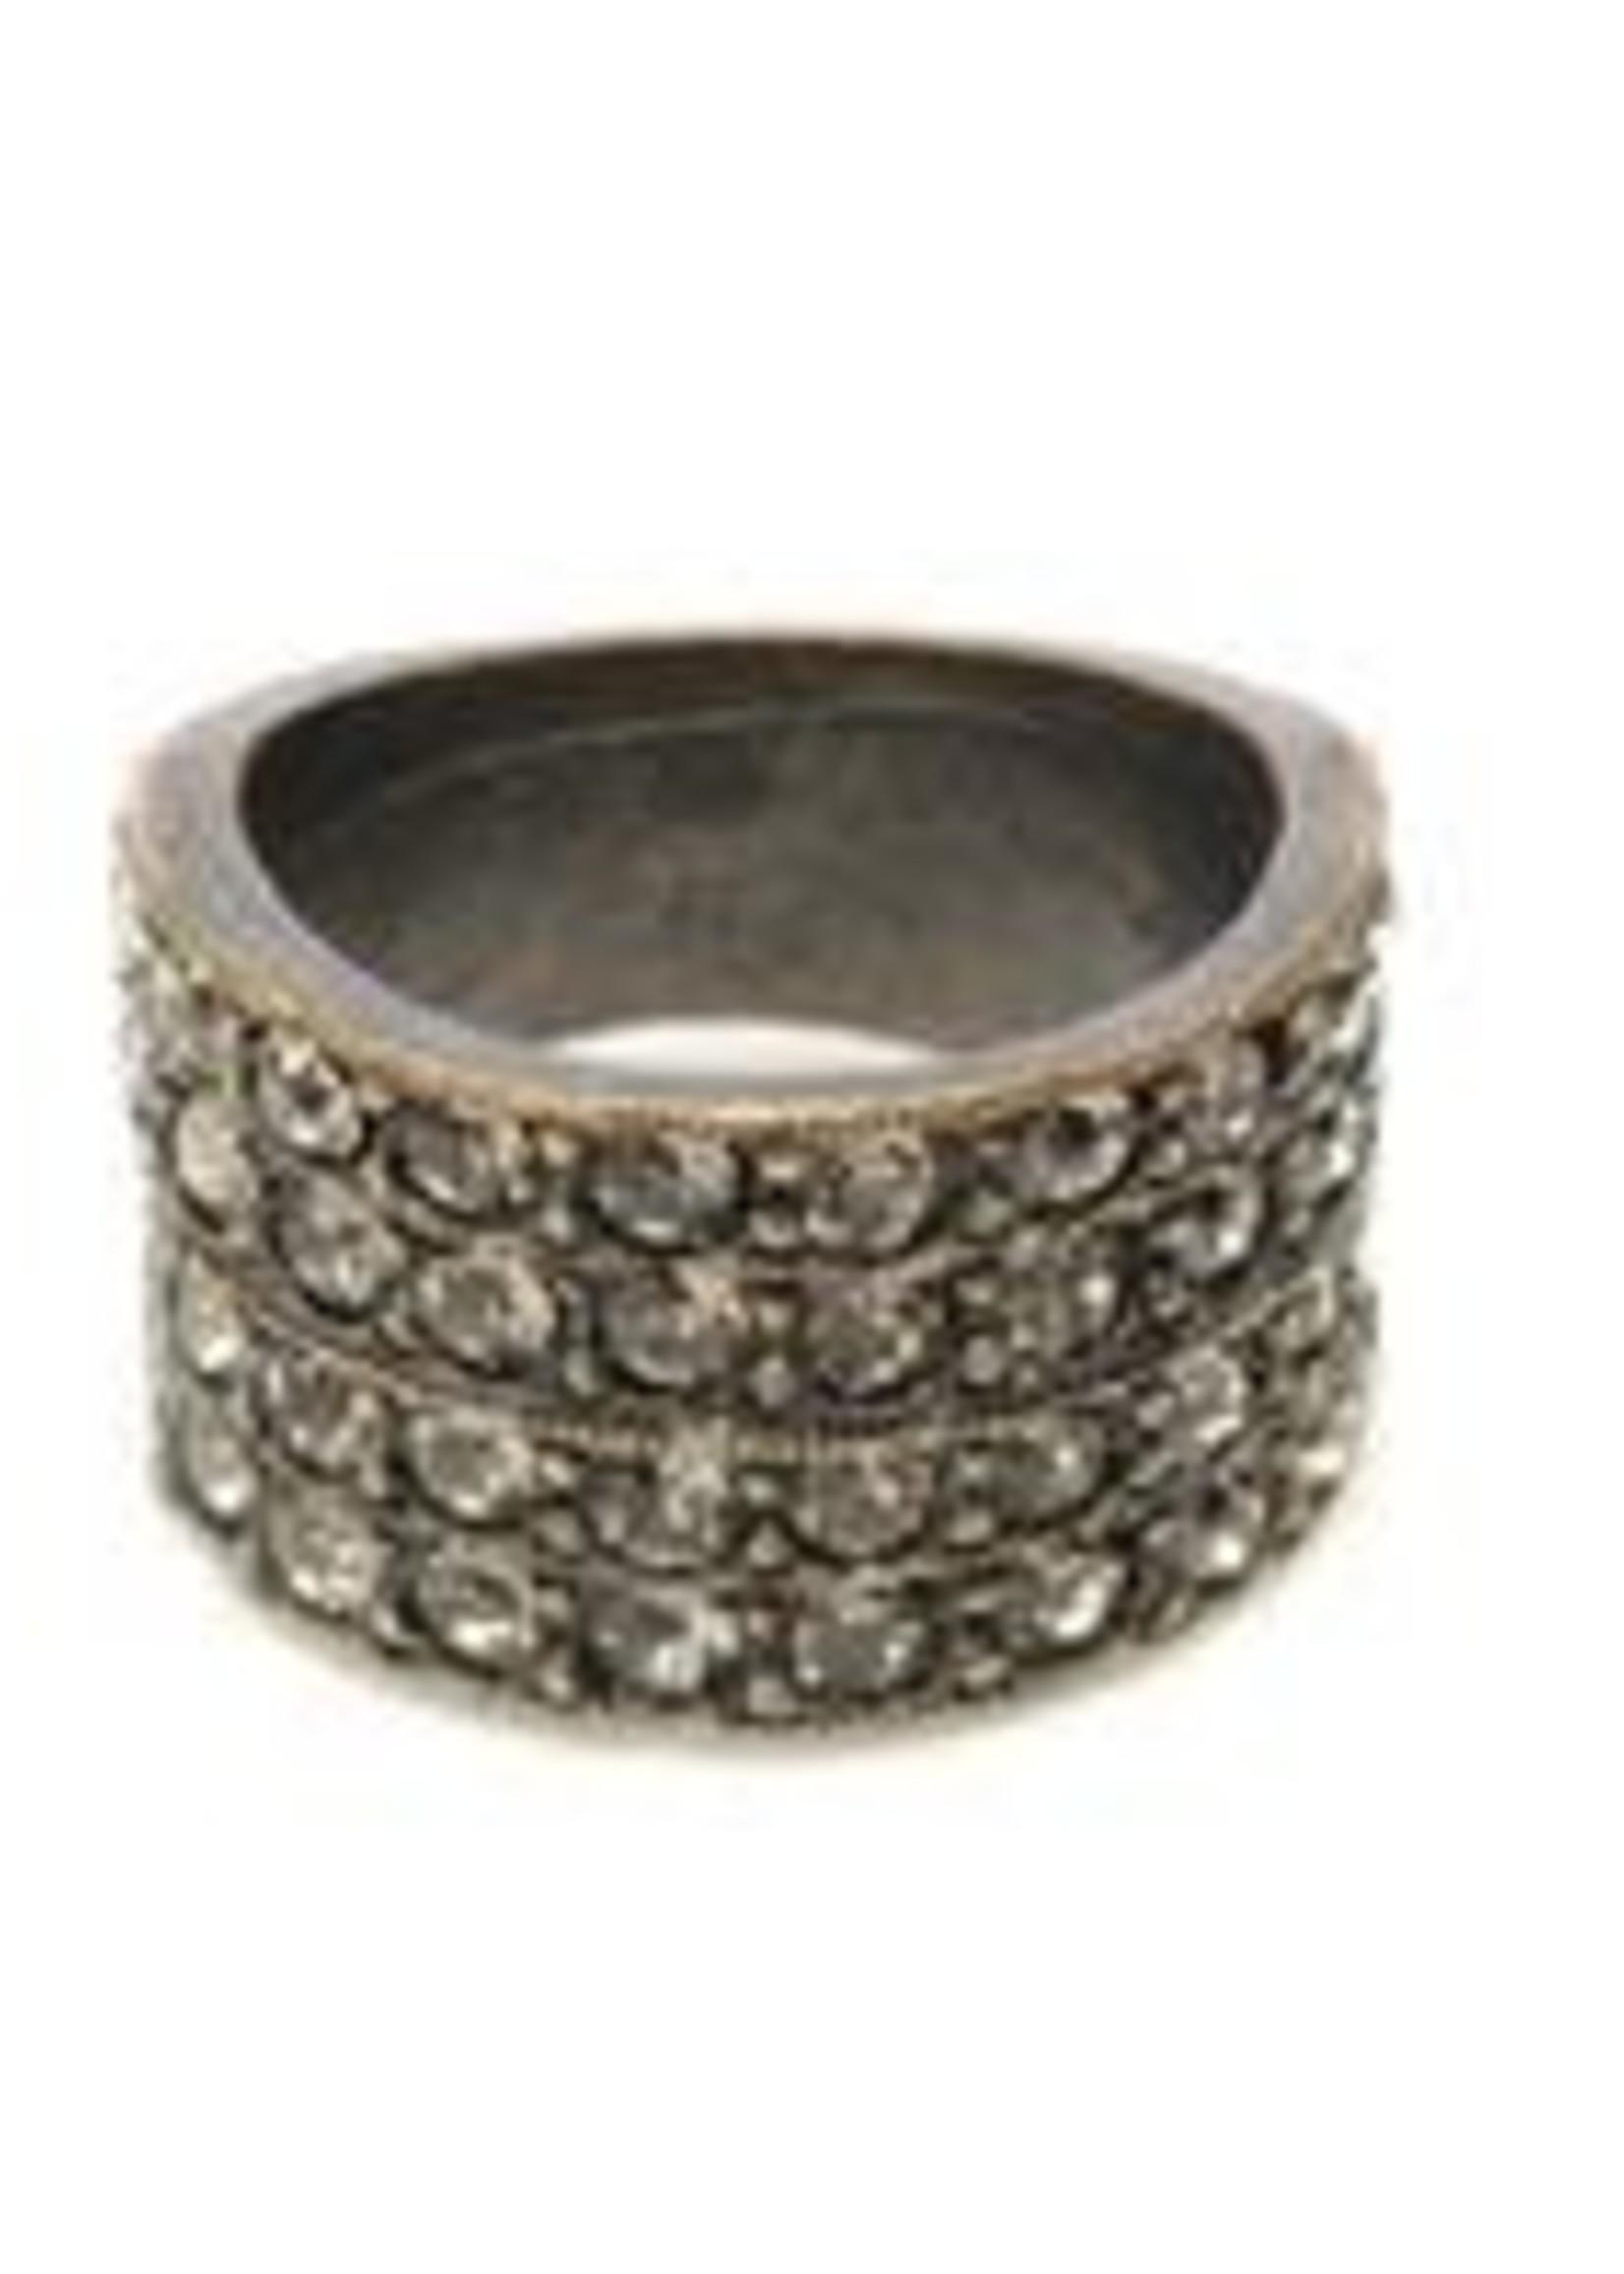 Rebel Designs Rebel - 4 Row Band Ring (R11 - MOP)